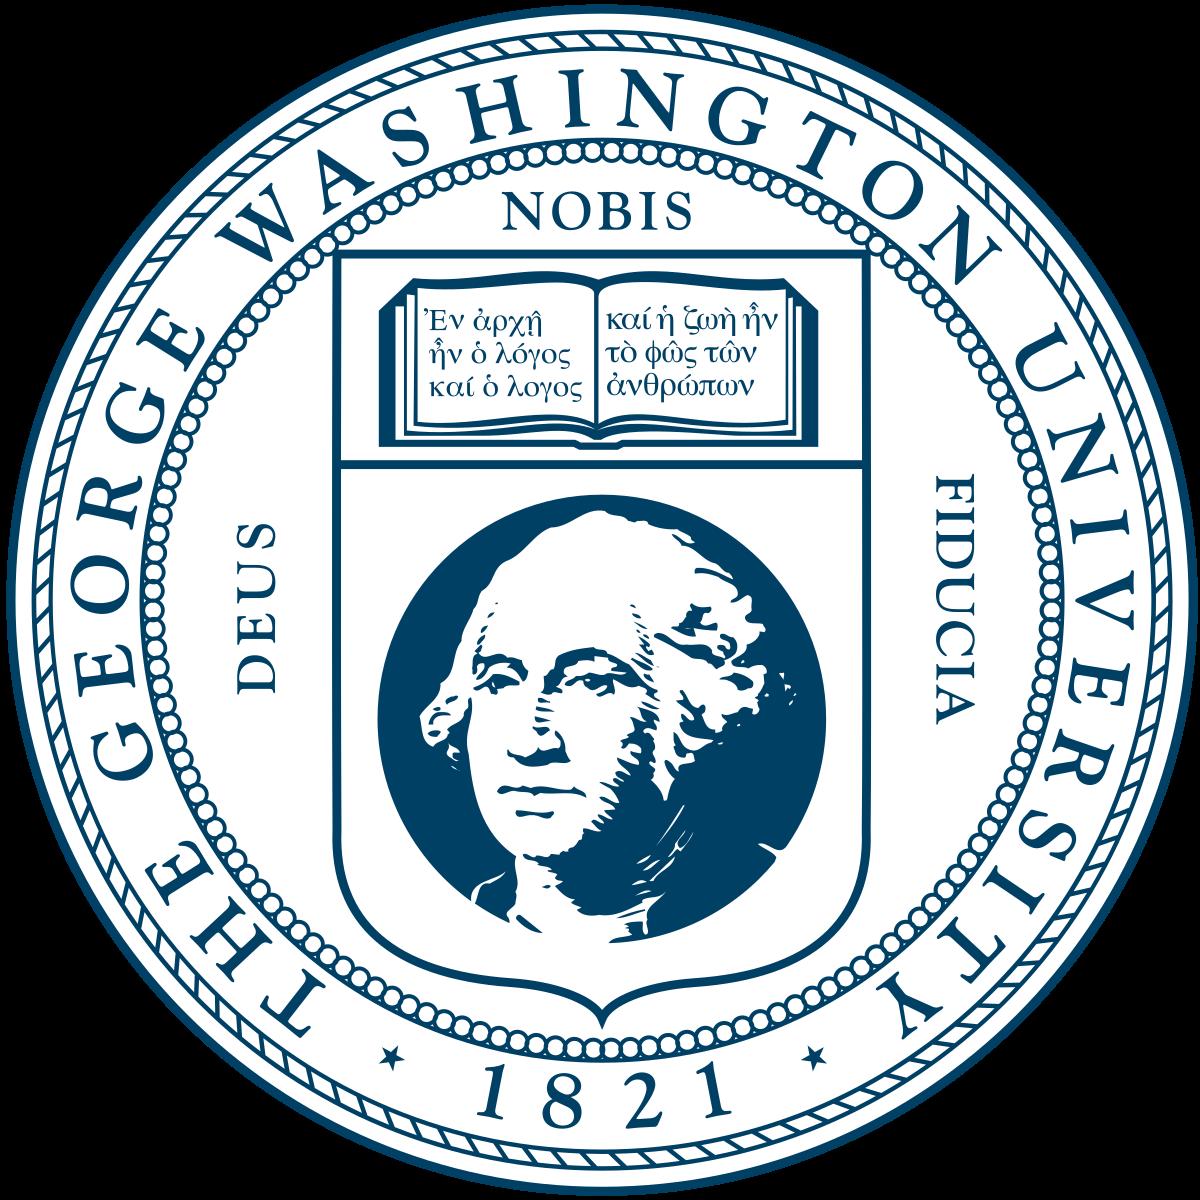 1200x1200 George Washington University